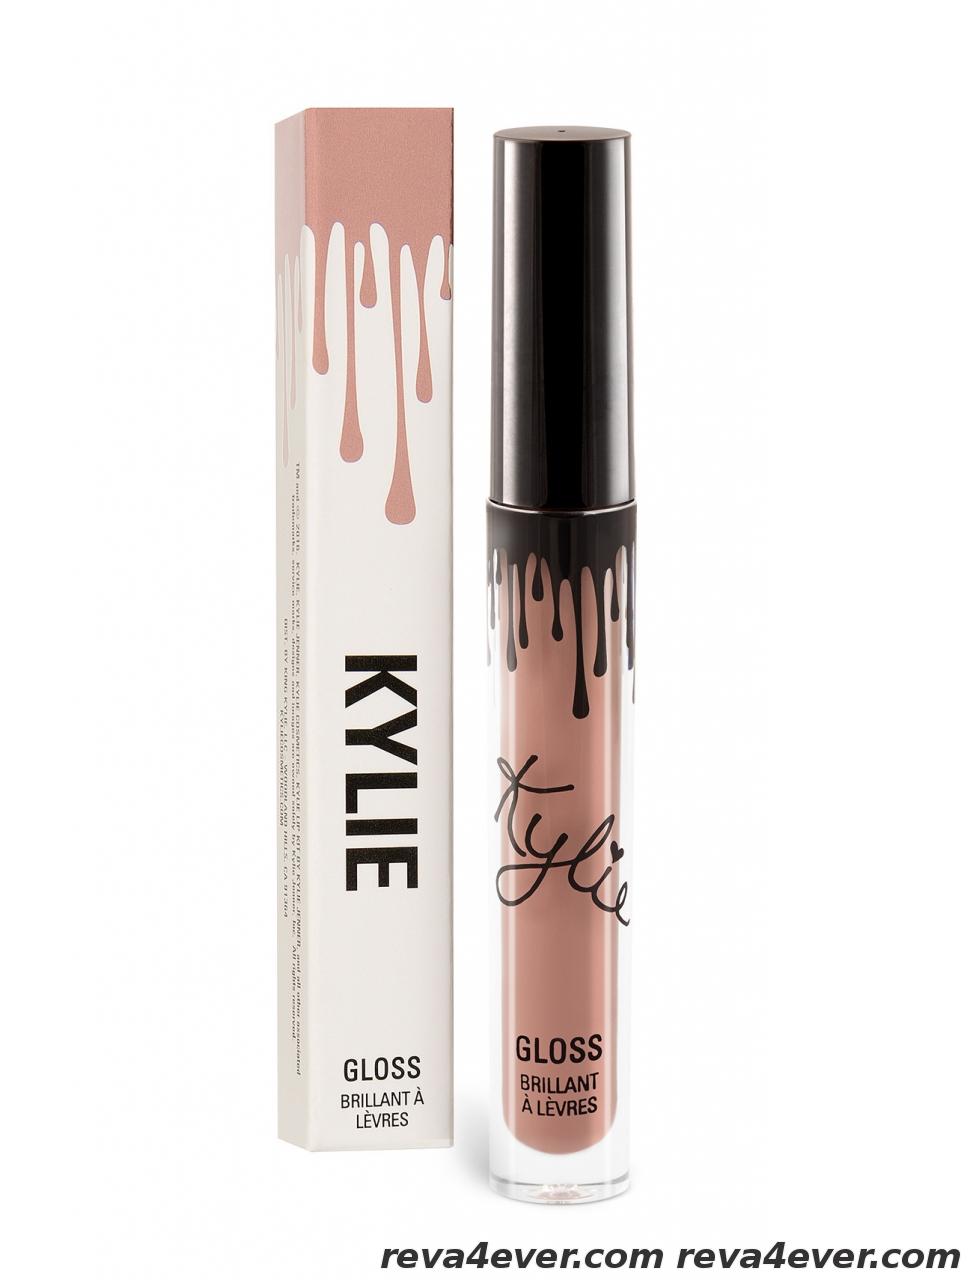 Помада Kylie True Brown K купить в магазине со скидкой: Матовая жидкая помада Kylie So Cute